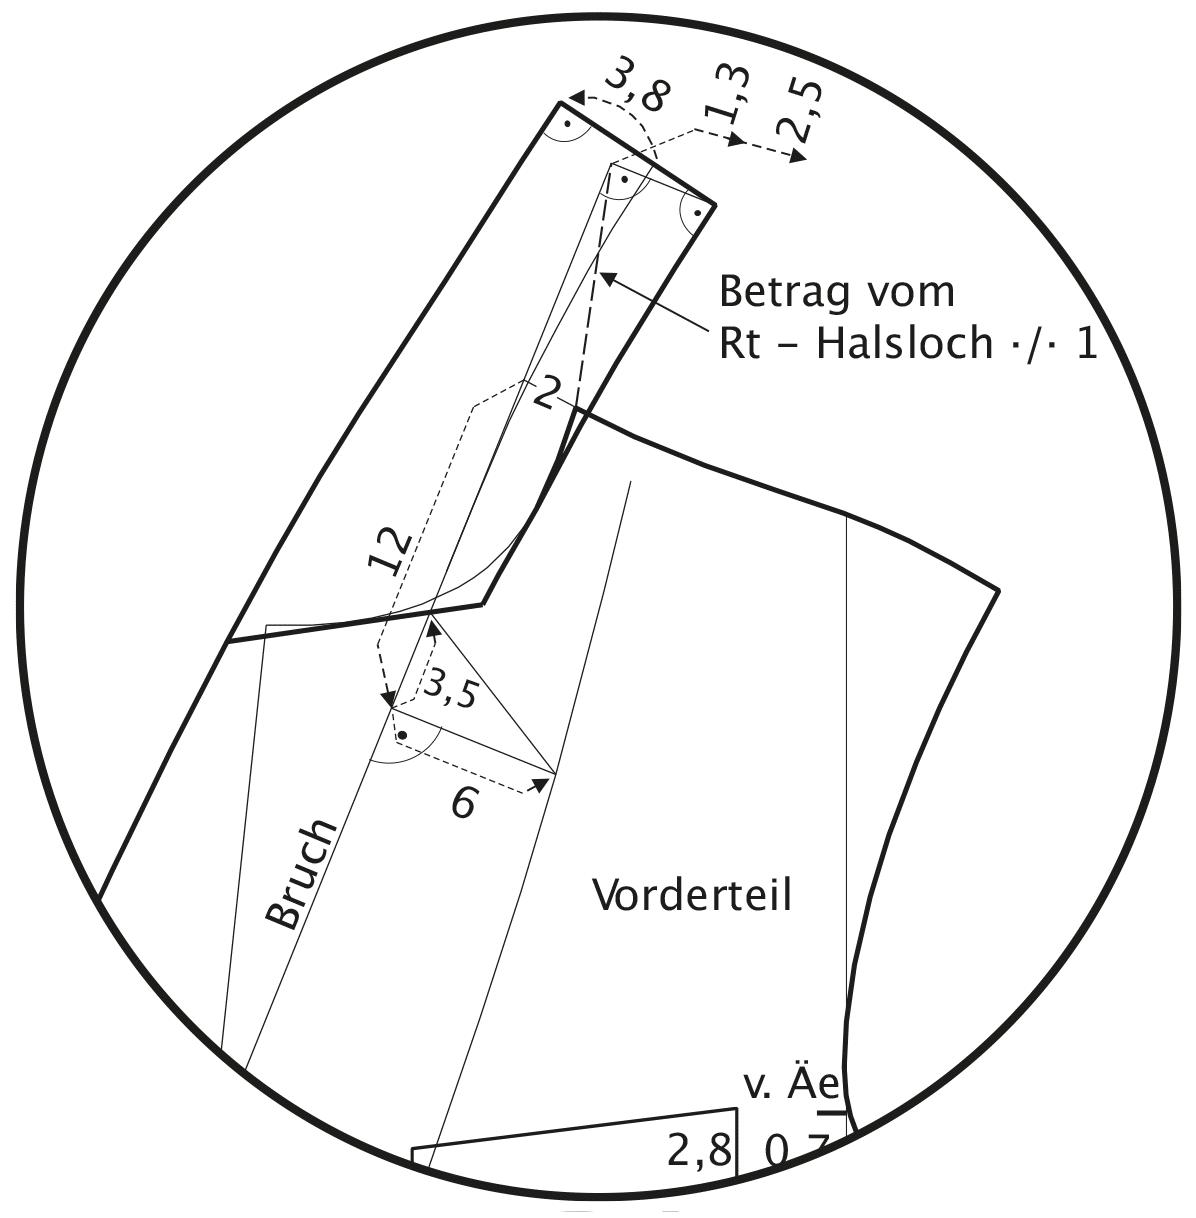 Die Abbildung zeigt die Schnittkonstruktion eines Schalkragens.